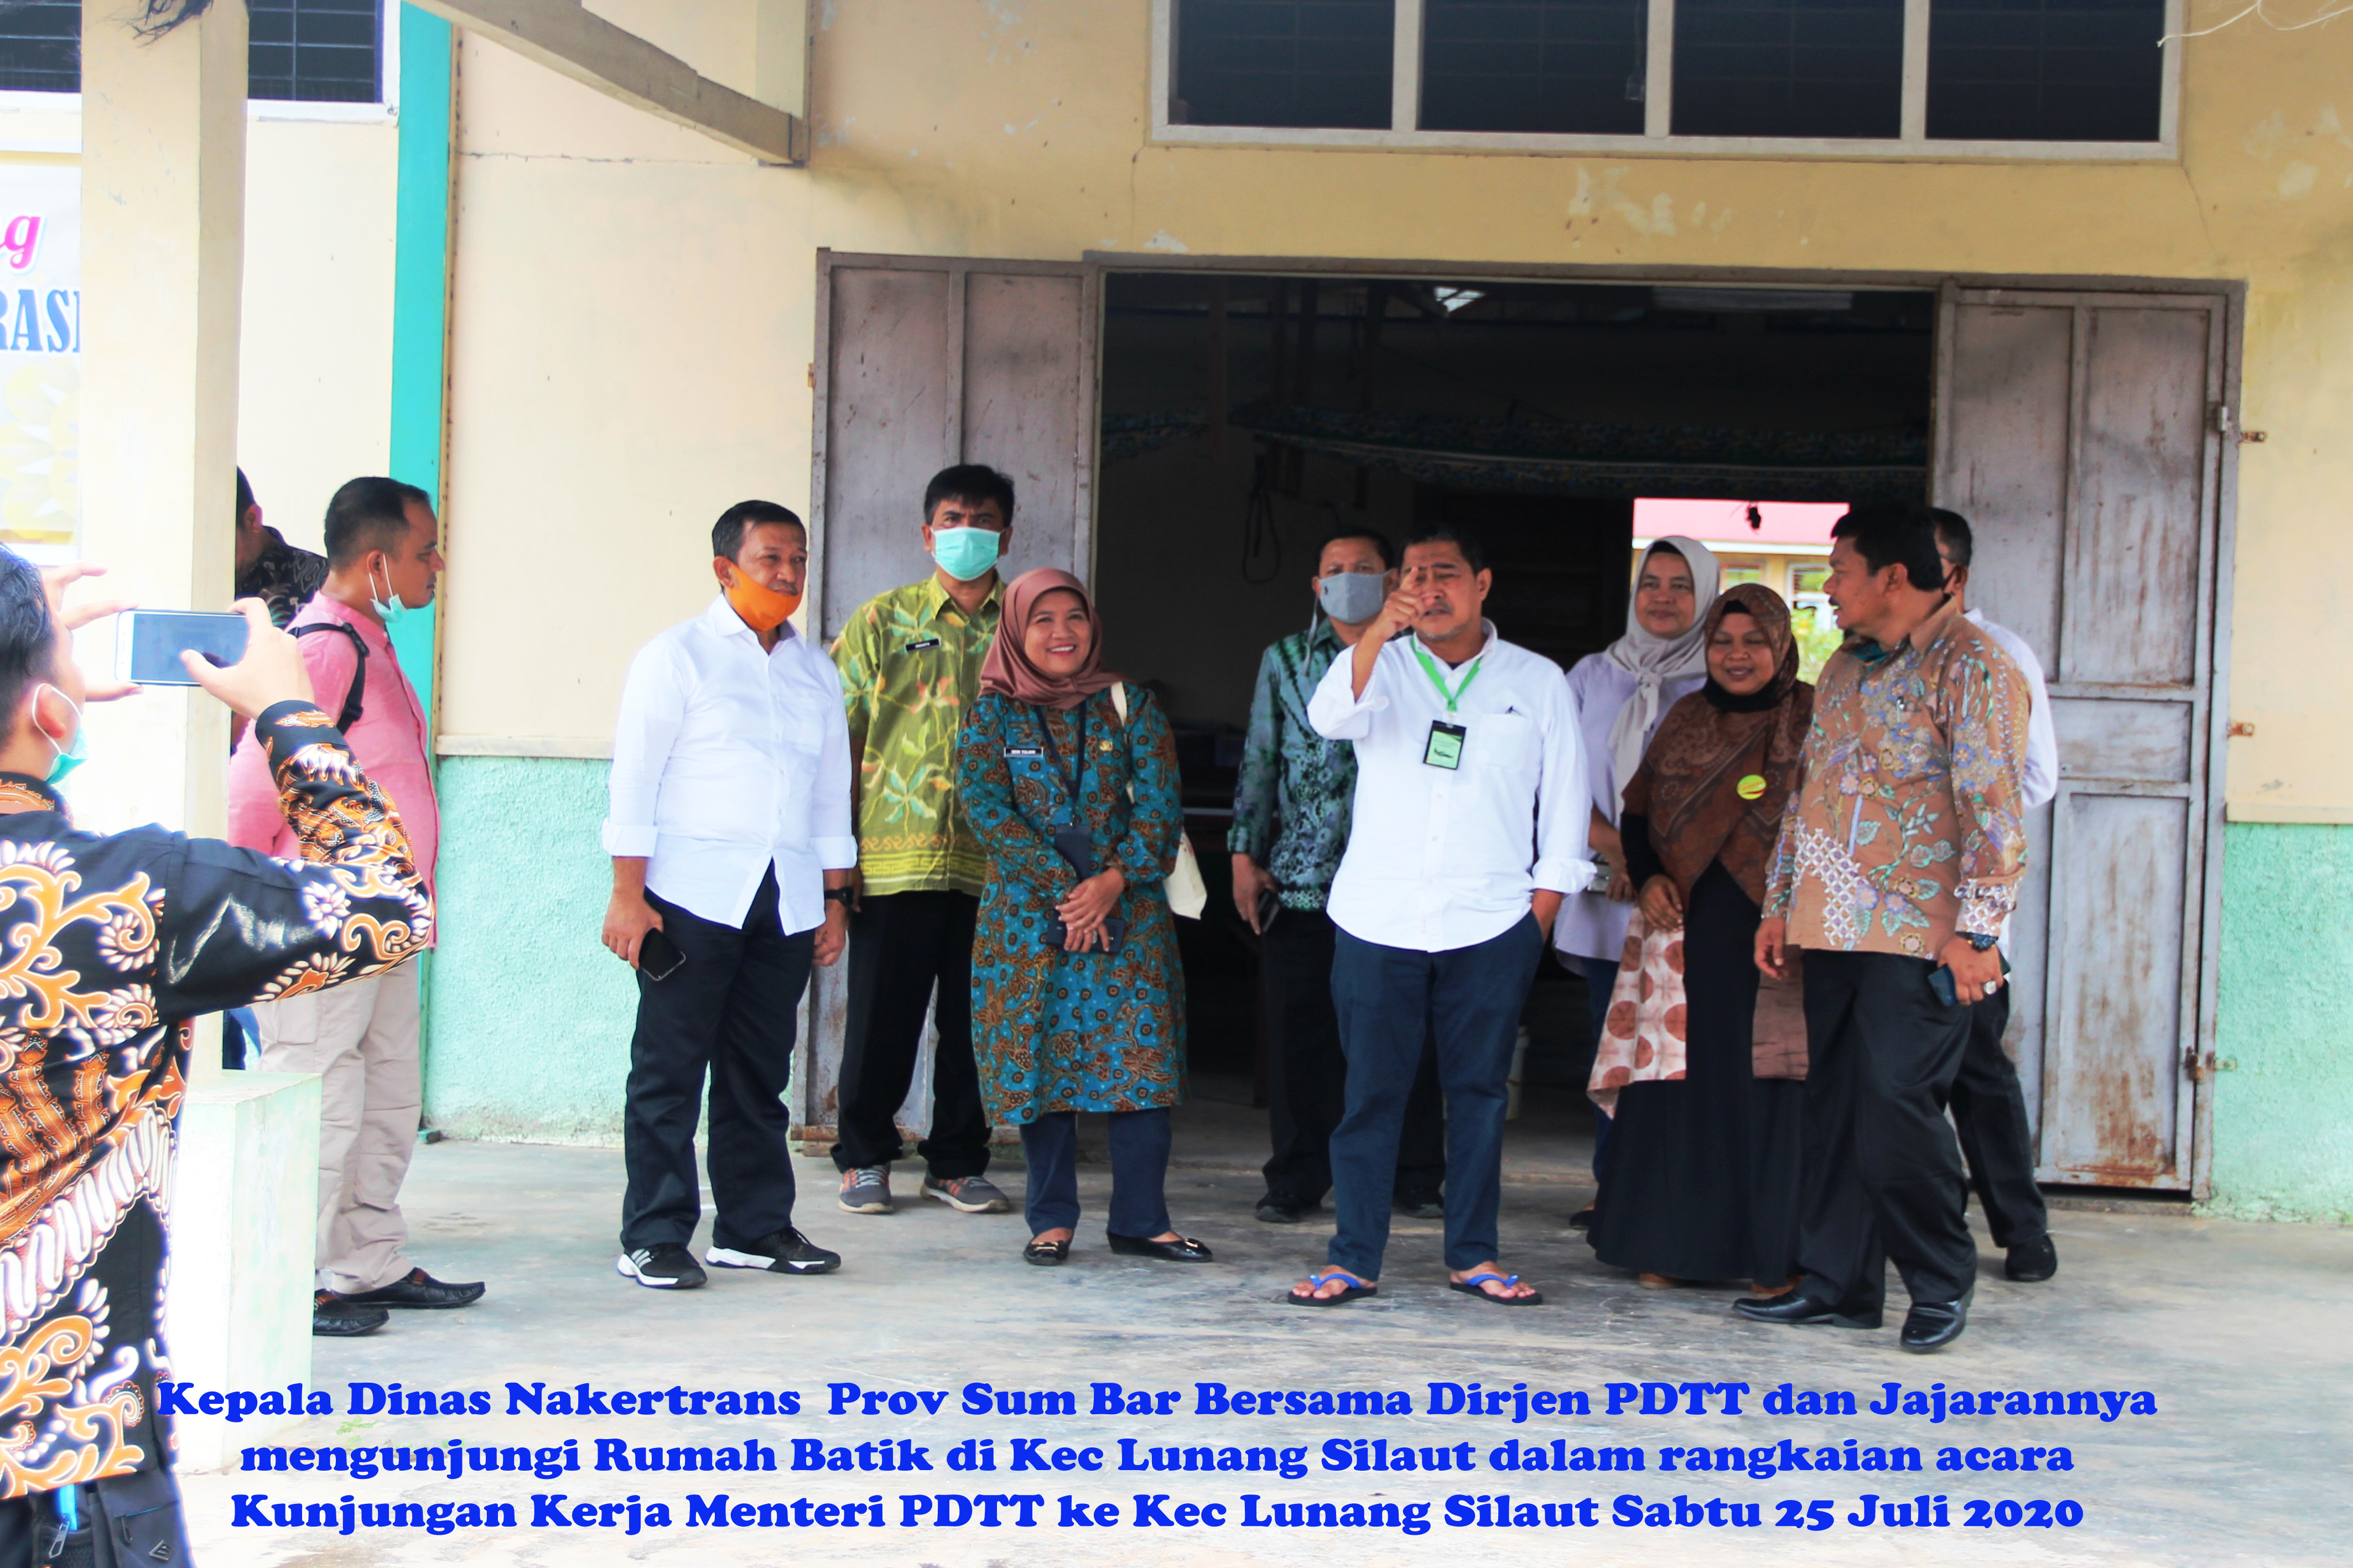 KPB Lunang Silaut, Kab. Pes. Selatan, Prov Sumbar, 25 Juli 2020